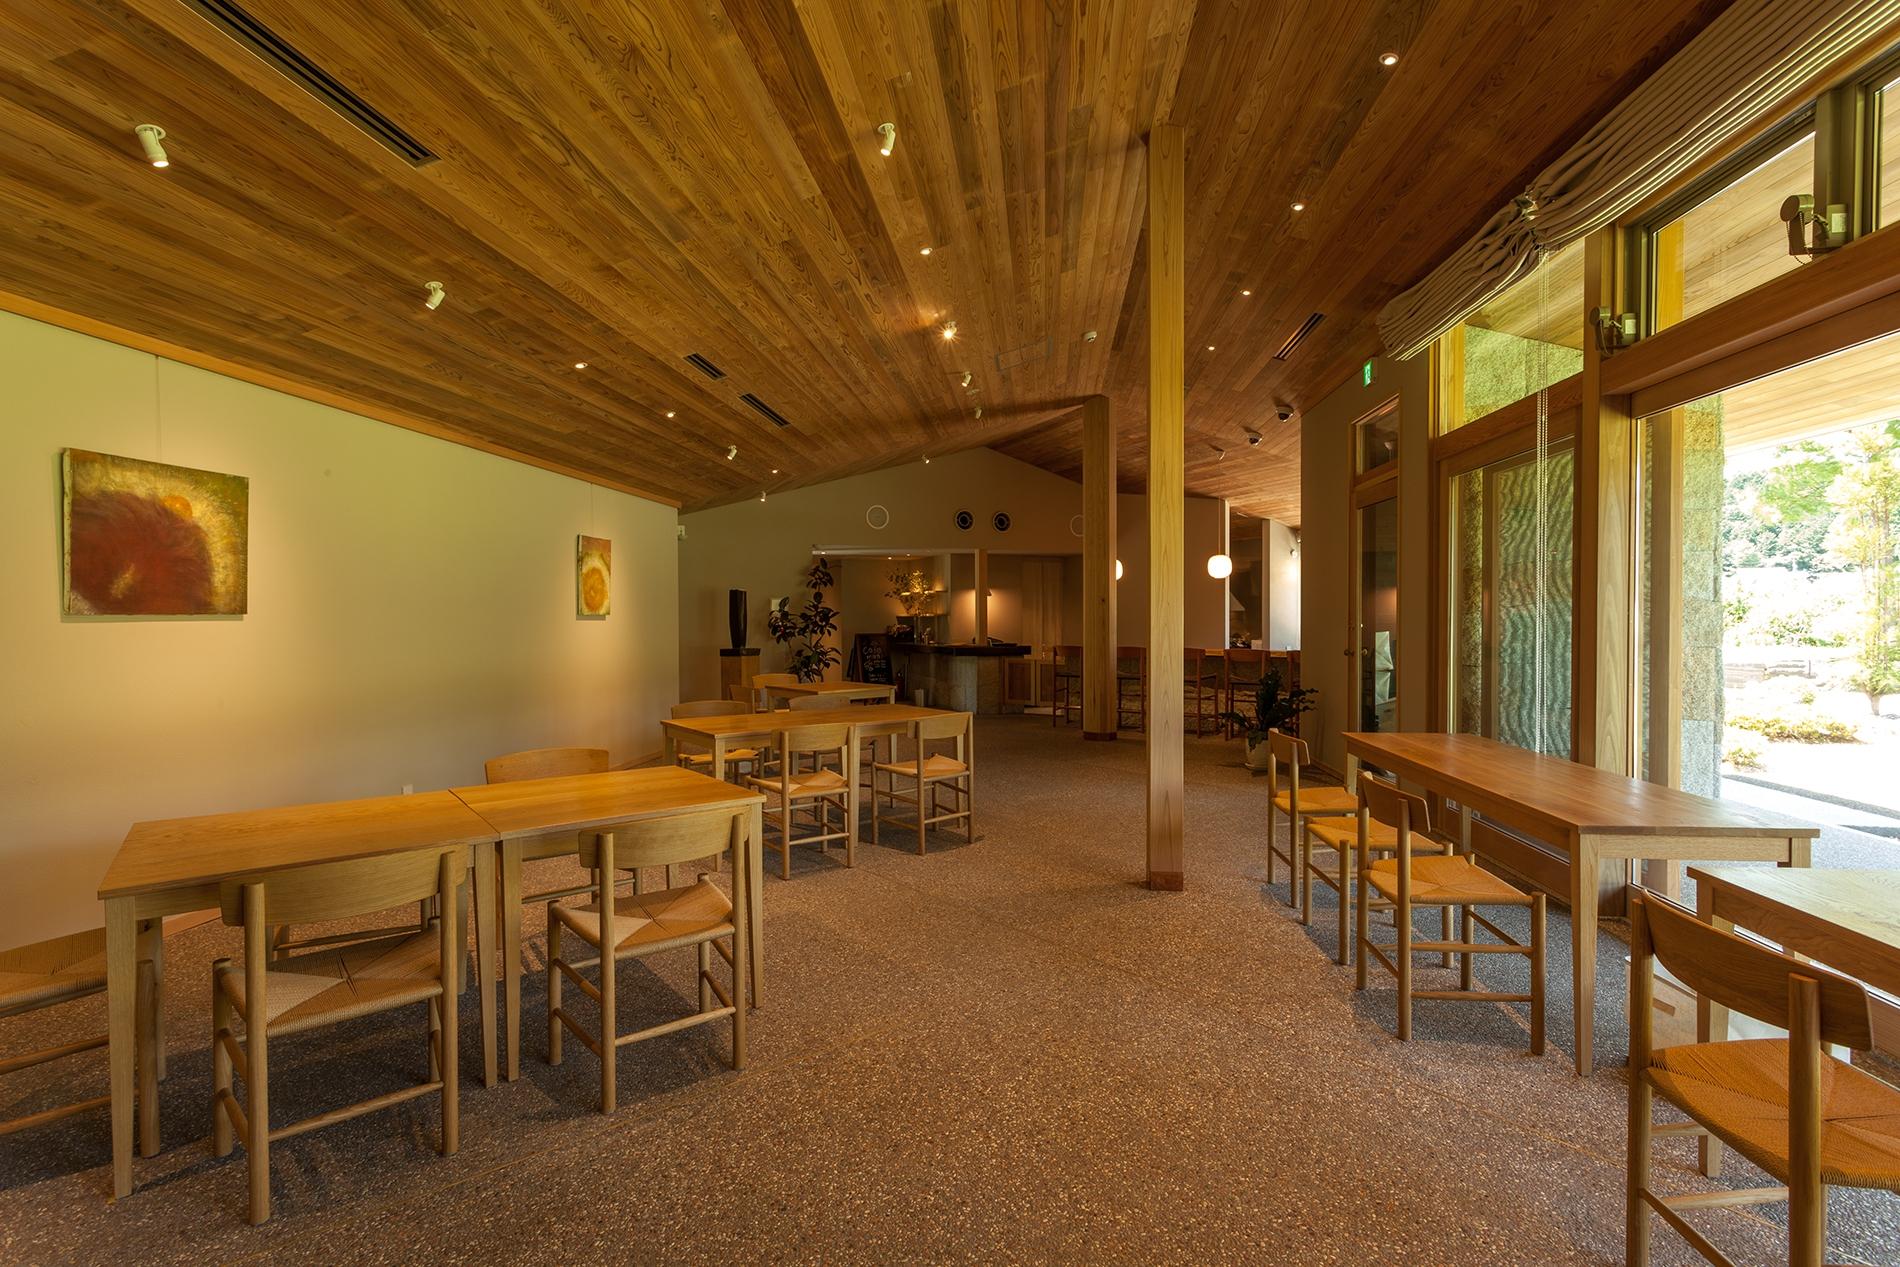 cafe mirai sekigahara